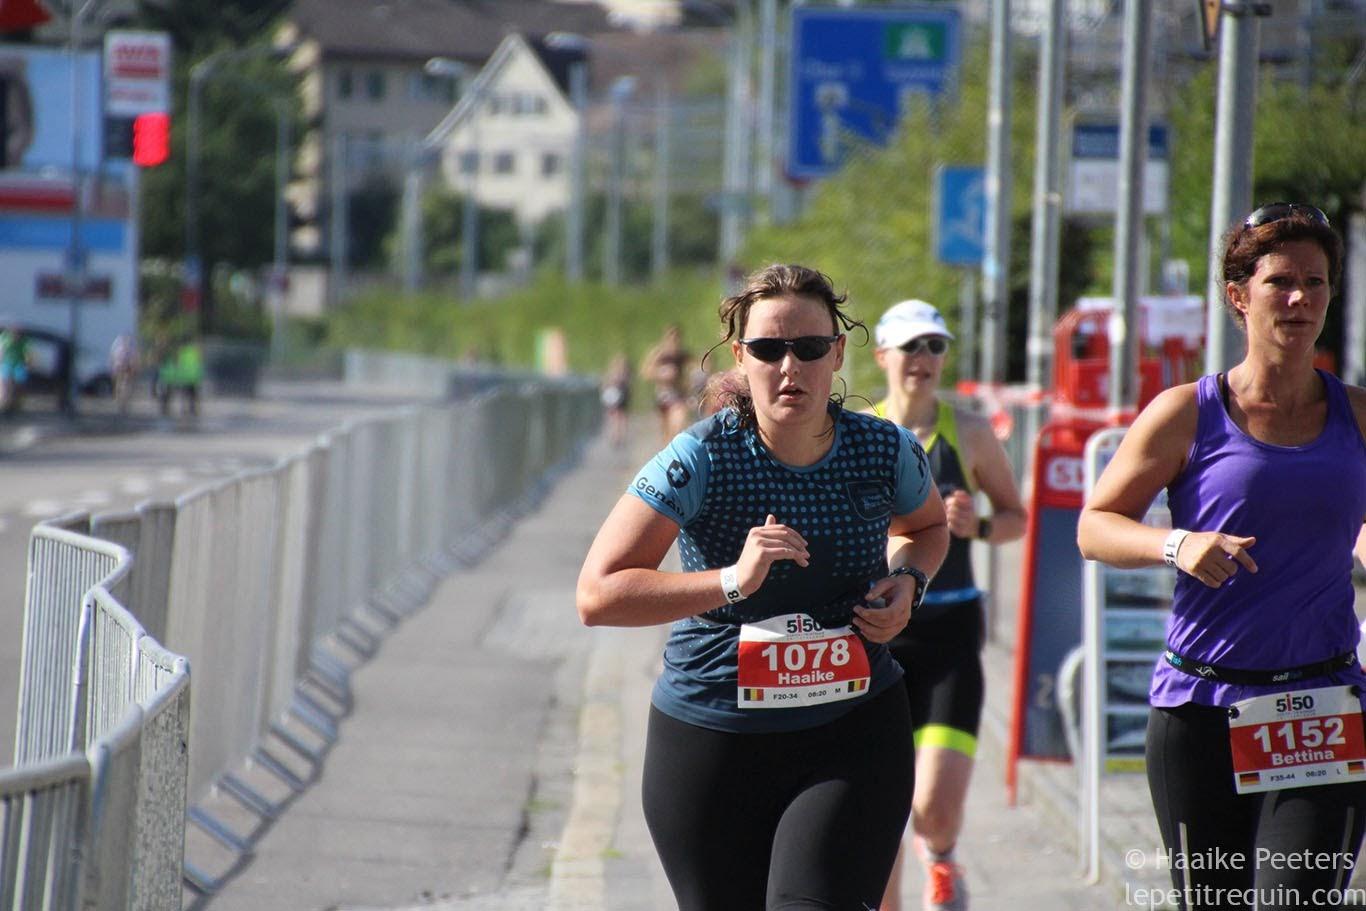 Short triathlon Zürich 2017 (Le petit requin)